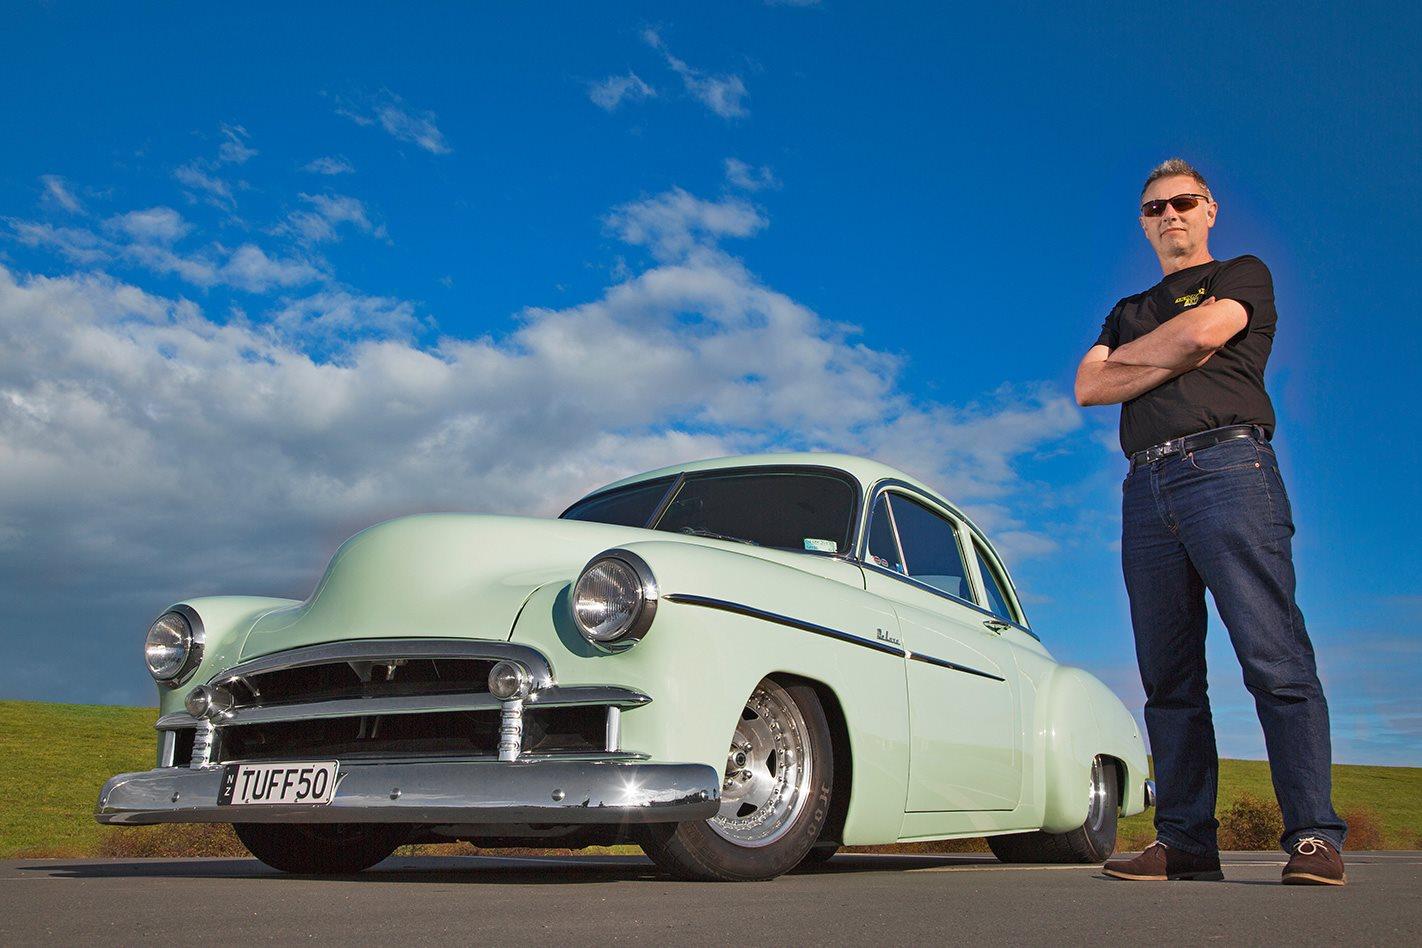 IAN RAINBOW'S 1950 V8 CHEV COUPE